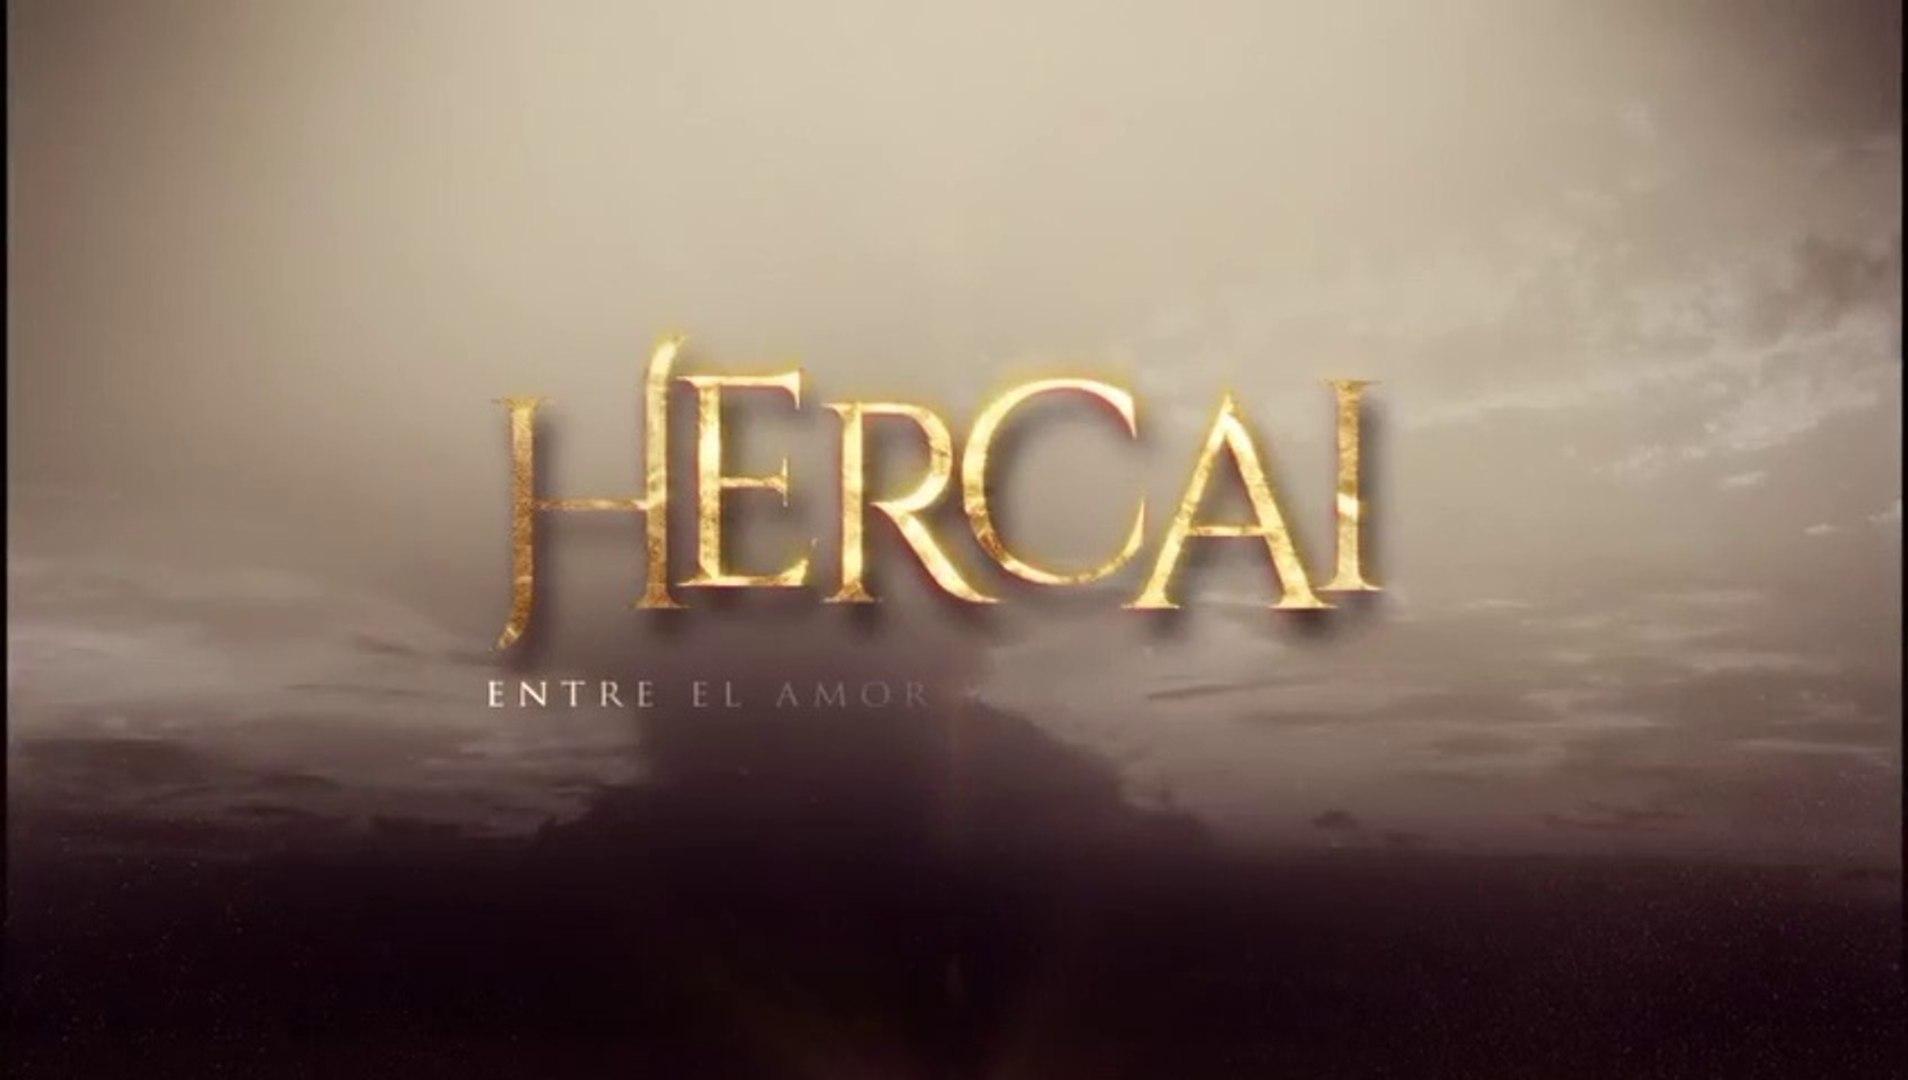 Ver Capitulo 41 de Hercai